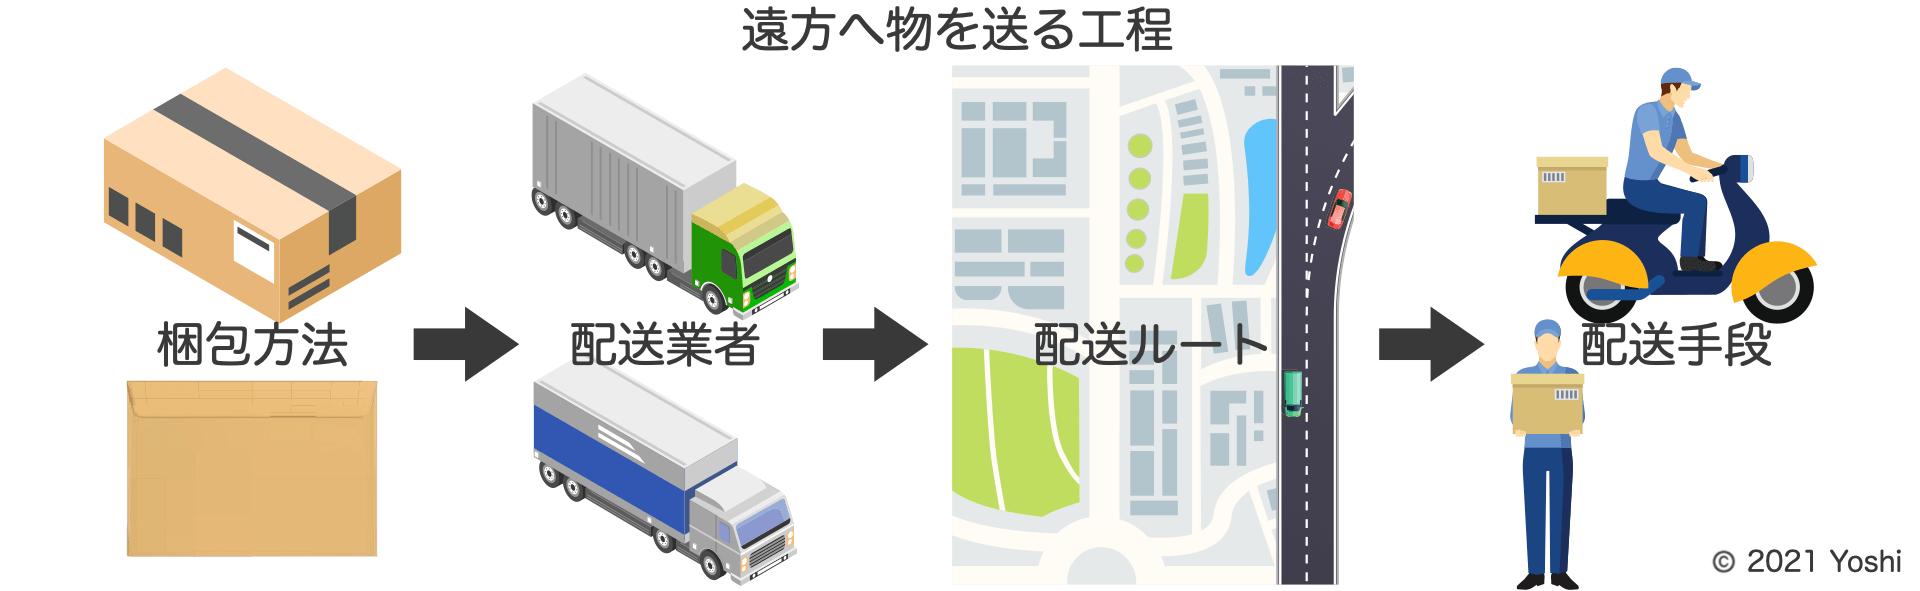 物を輸送する工程